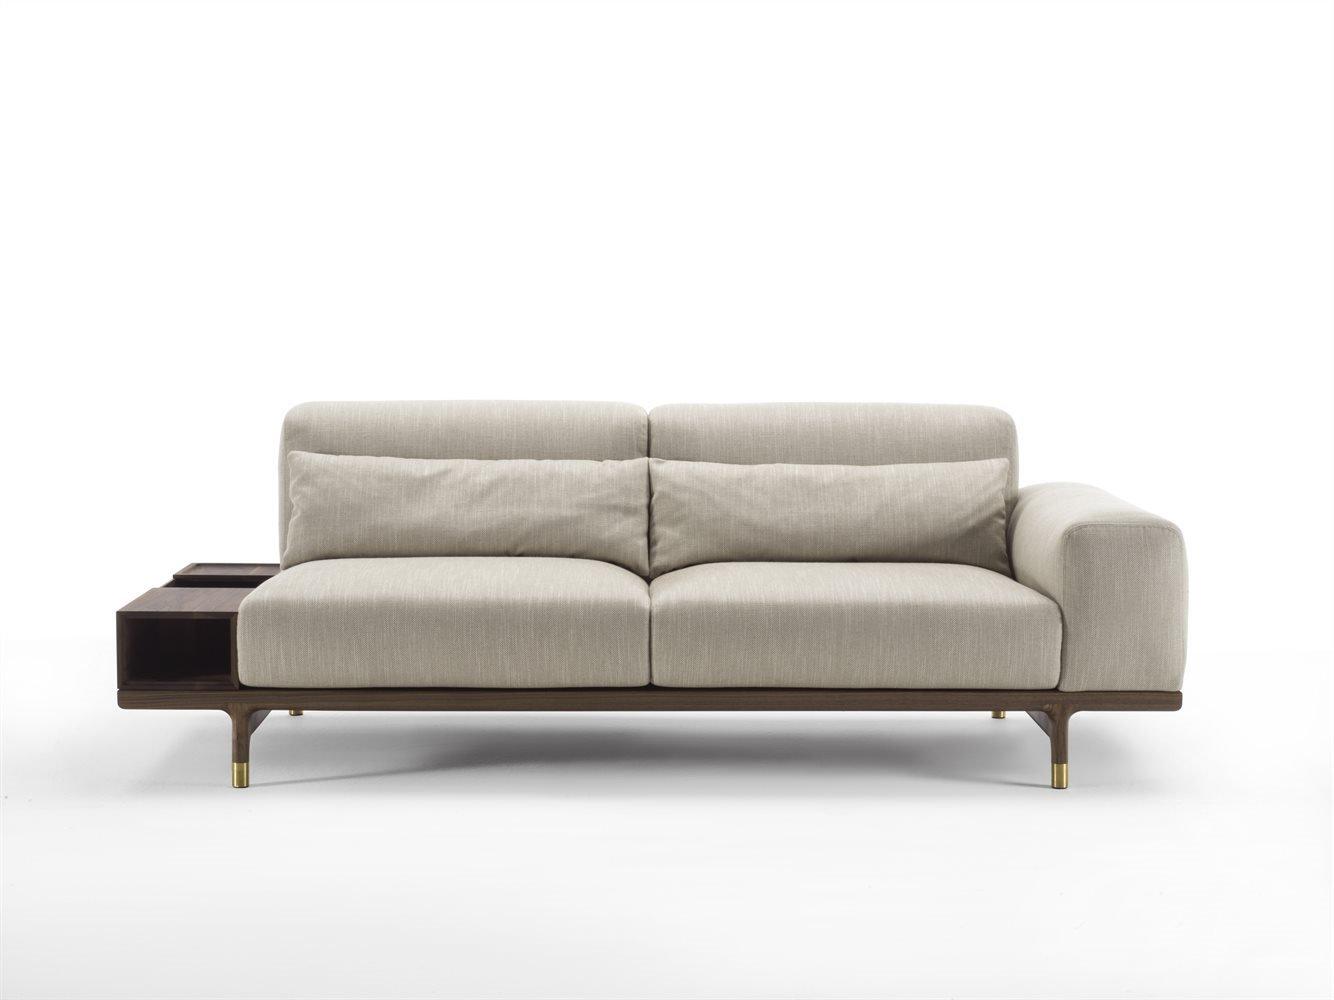 Argo Sofa from Porada, designed by D. Dolcini